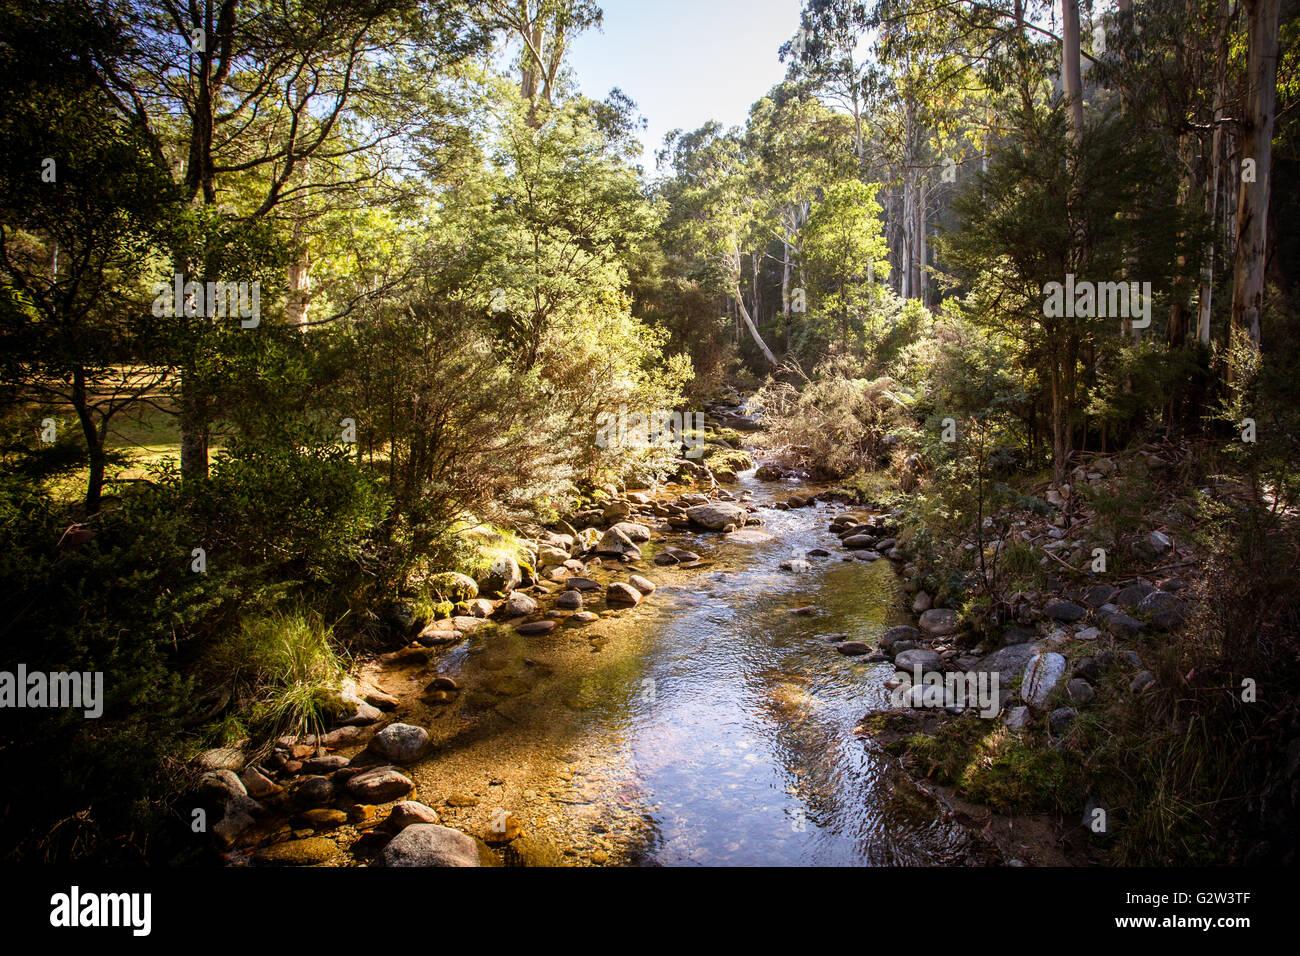 Fourreau cuir Creek près de Thredbo en Nouvelle Galles du Sud, Australie Photo Stock